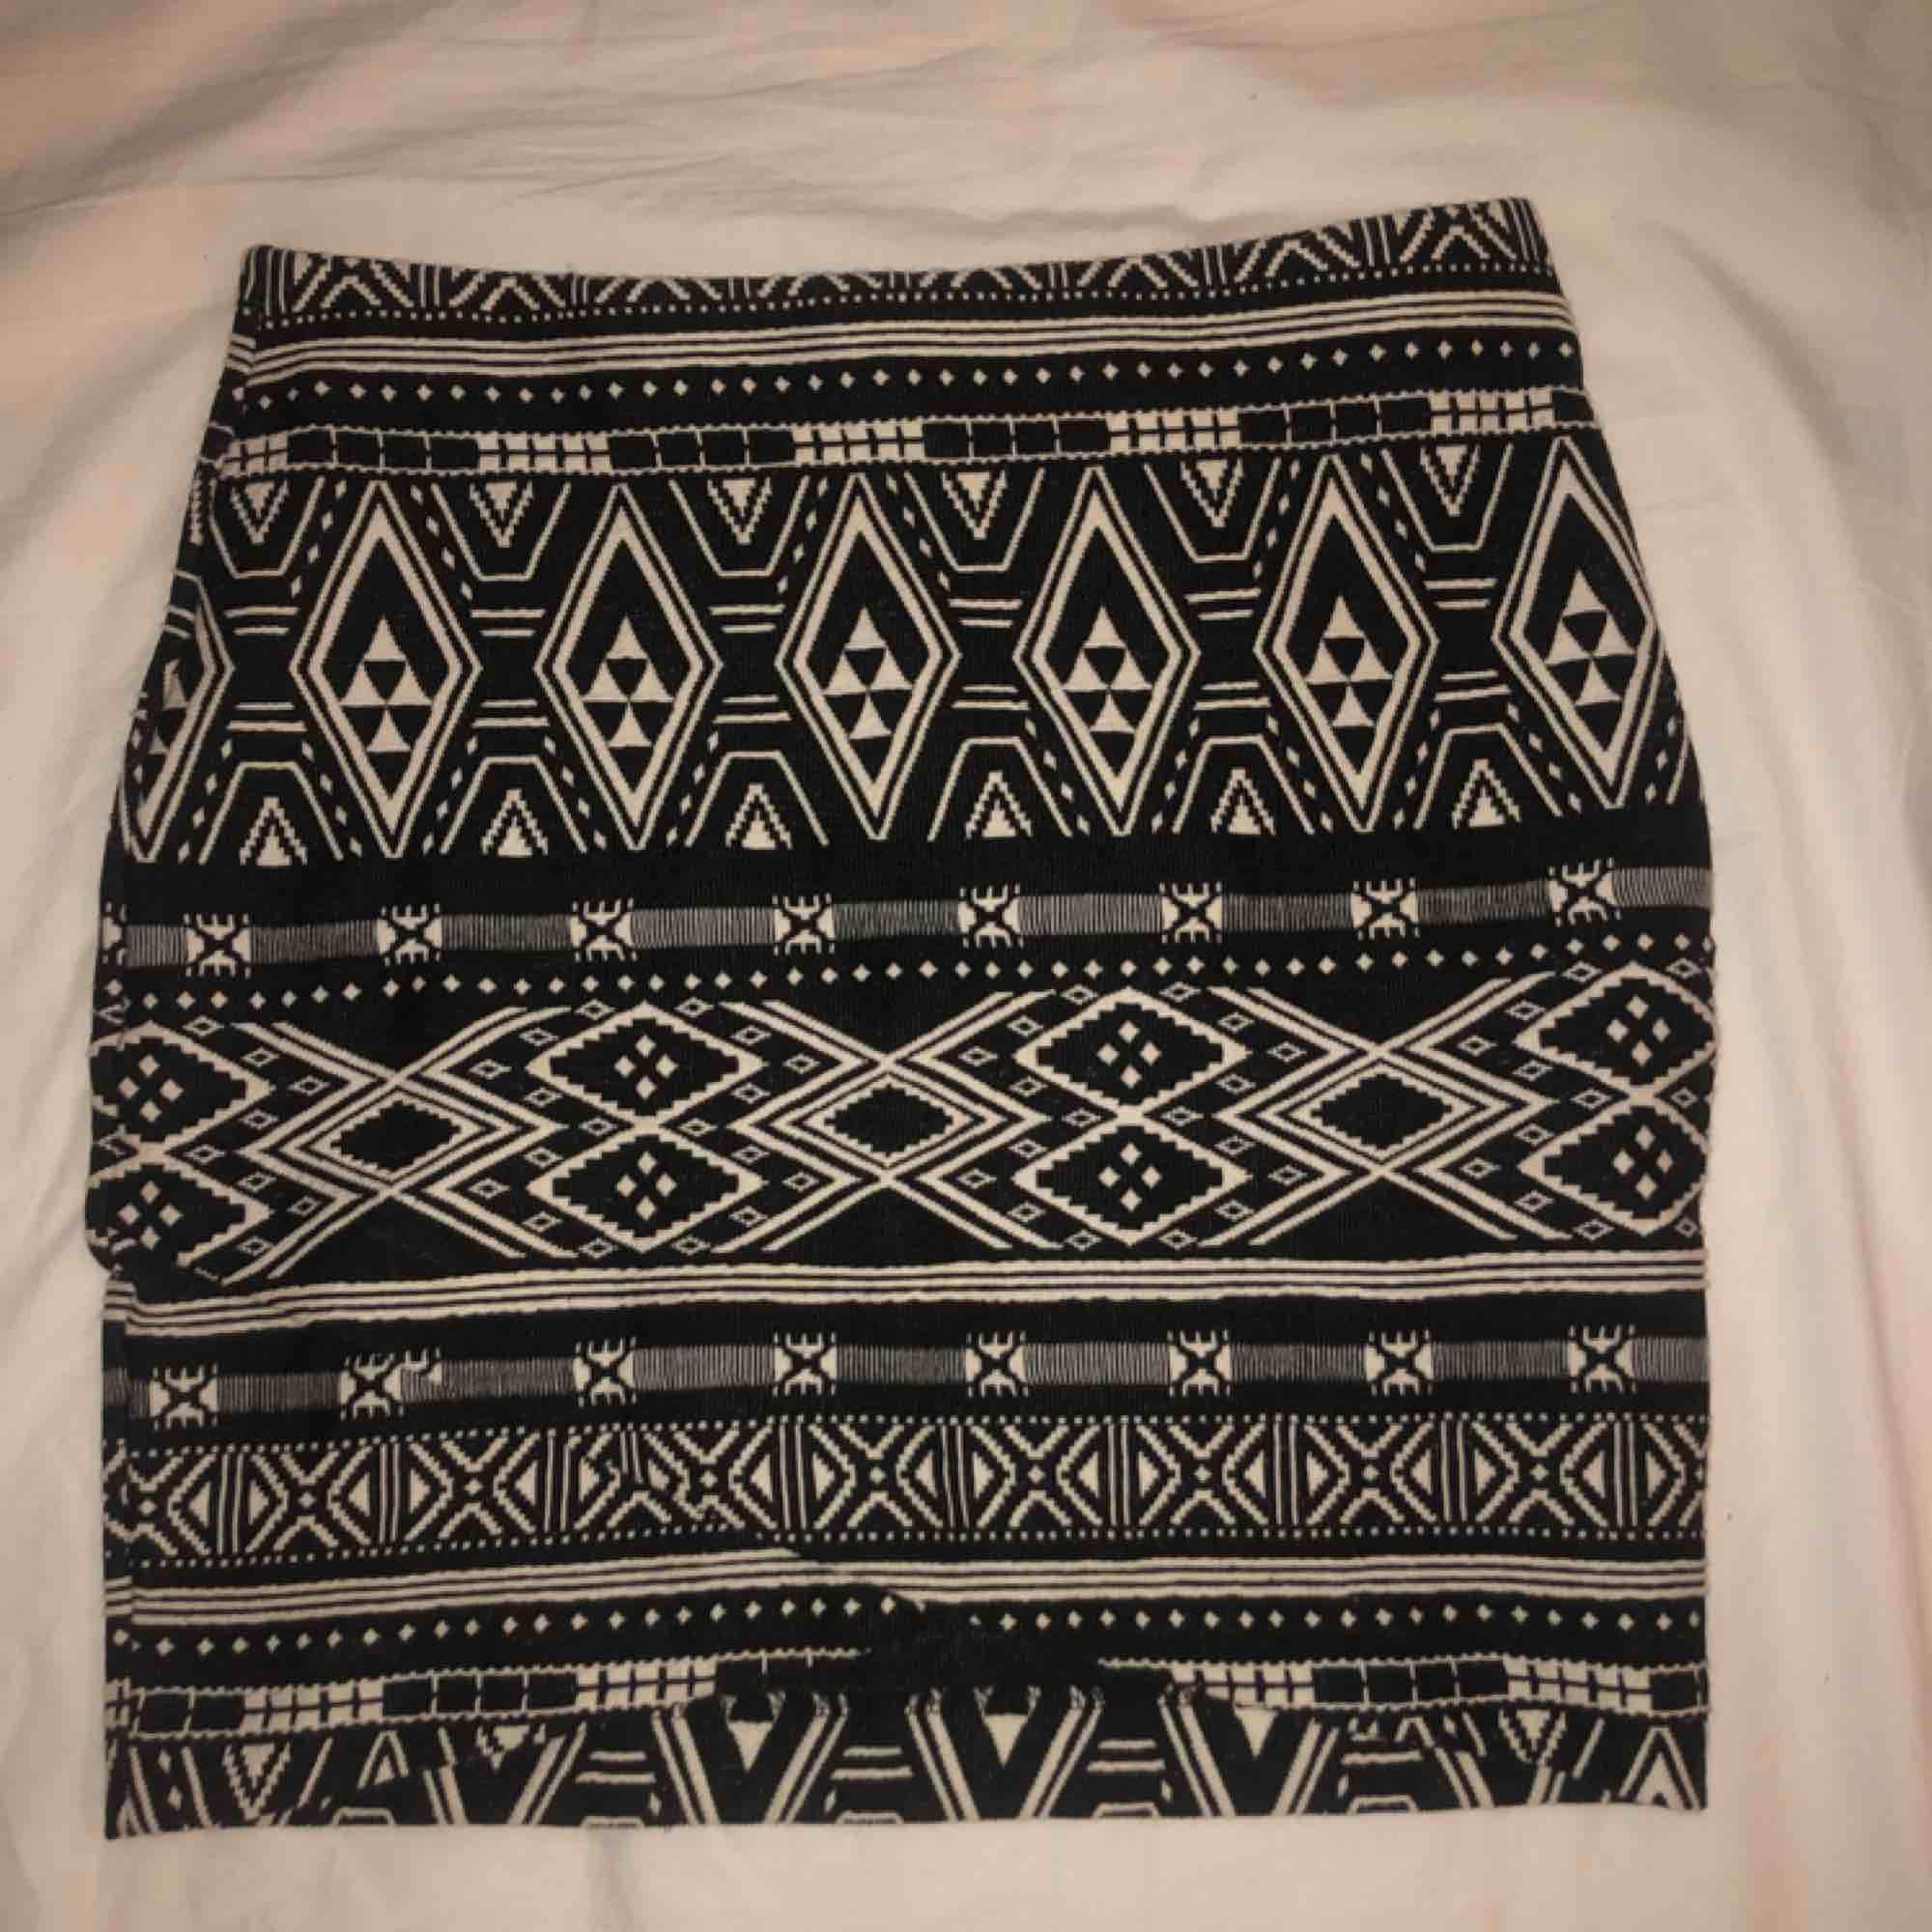 Mönstrad omlott kjol från H&M, använd endast 1 gång. Svårt att få me omlotten på bild då allt är samma mönster. Kan mötas upp i Stockholm annars tillkommer frakt till priset. . Kjolar.